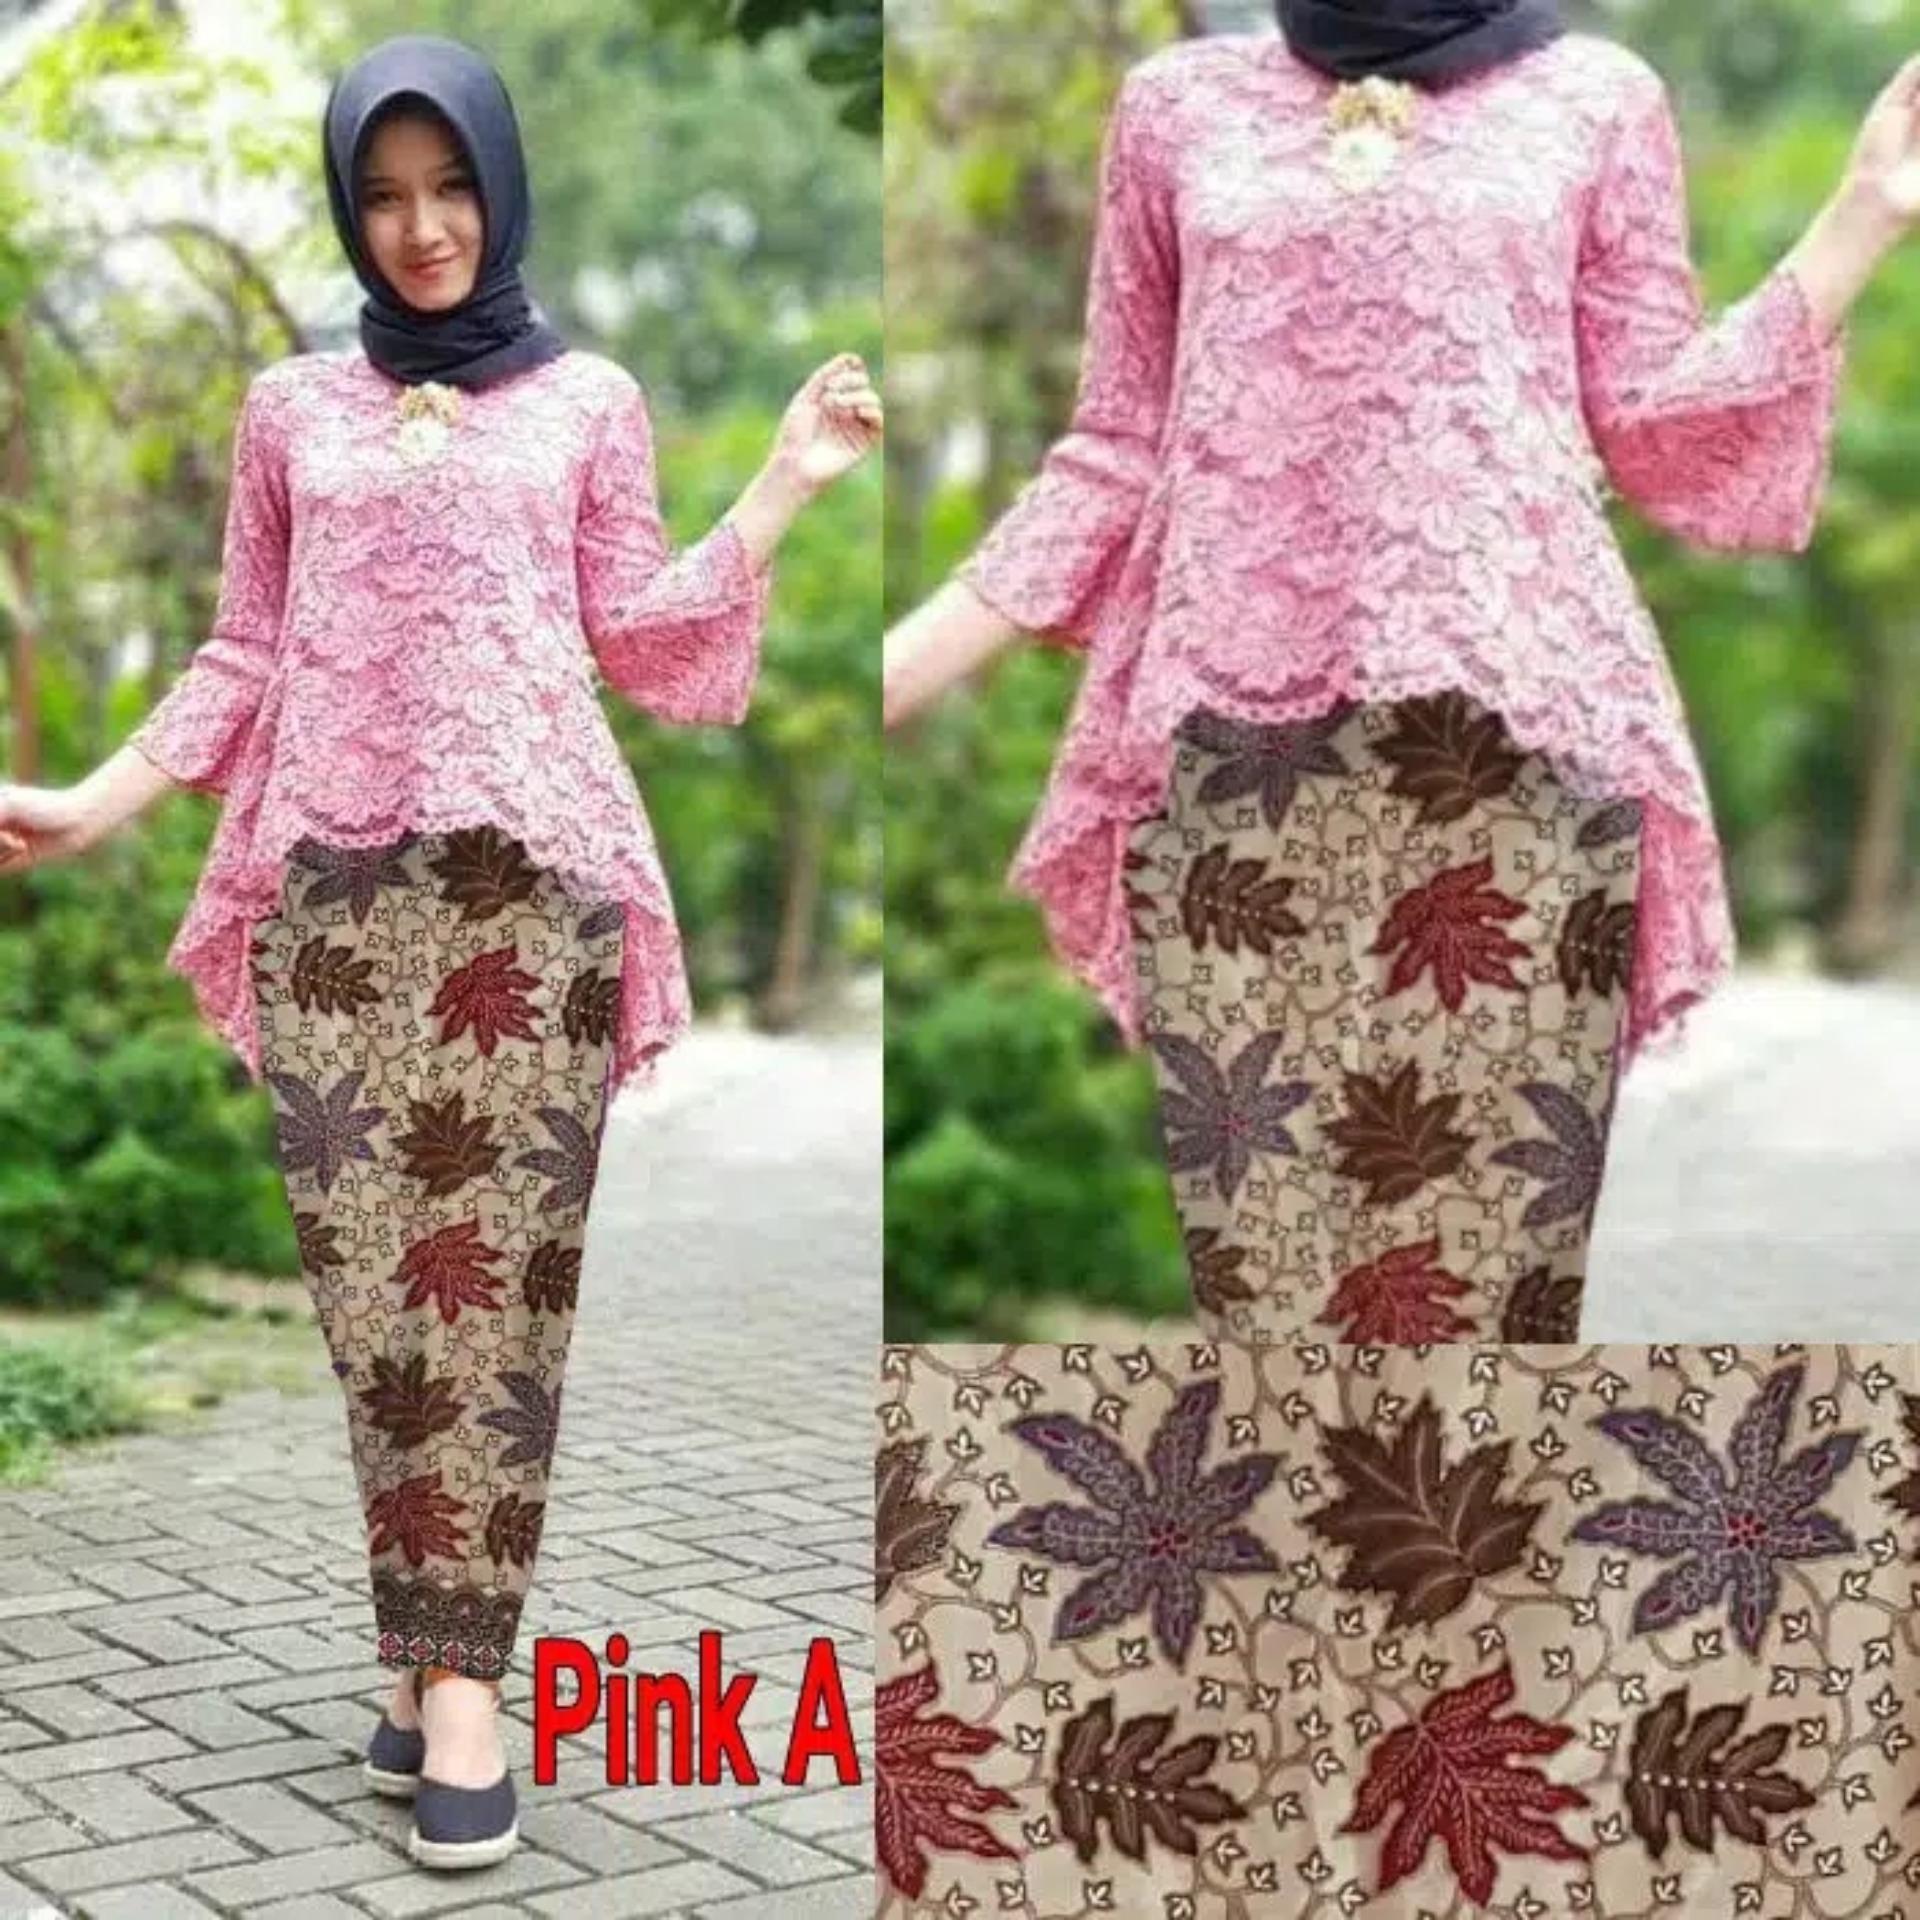 ... Baju Formal. Source · Fathia Mall - Atasan Muslimah / Setelan Blouse/ Kemeja wanita / Long Dress Maxy /